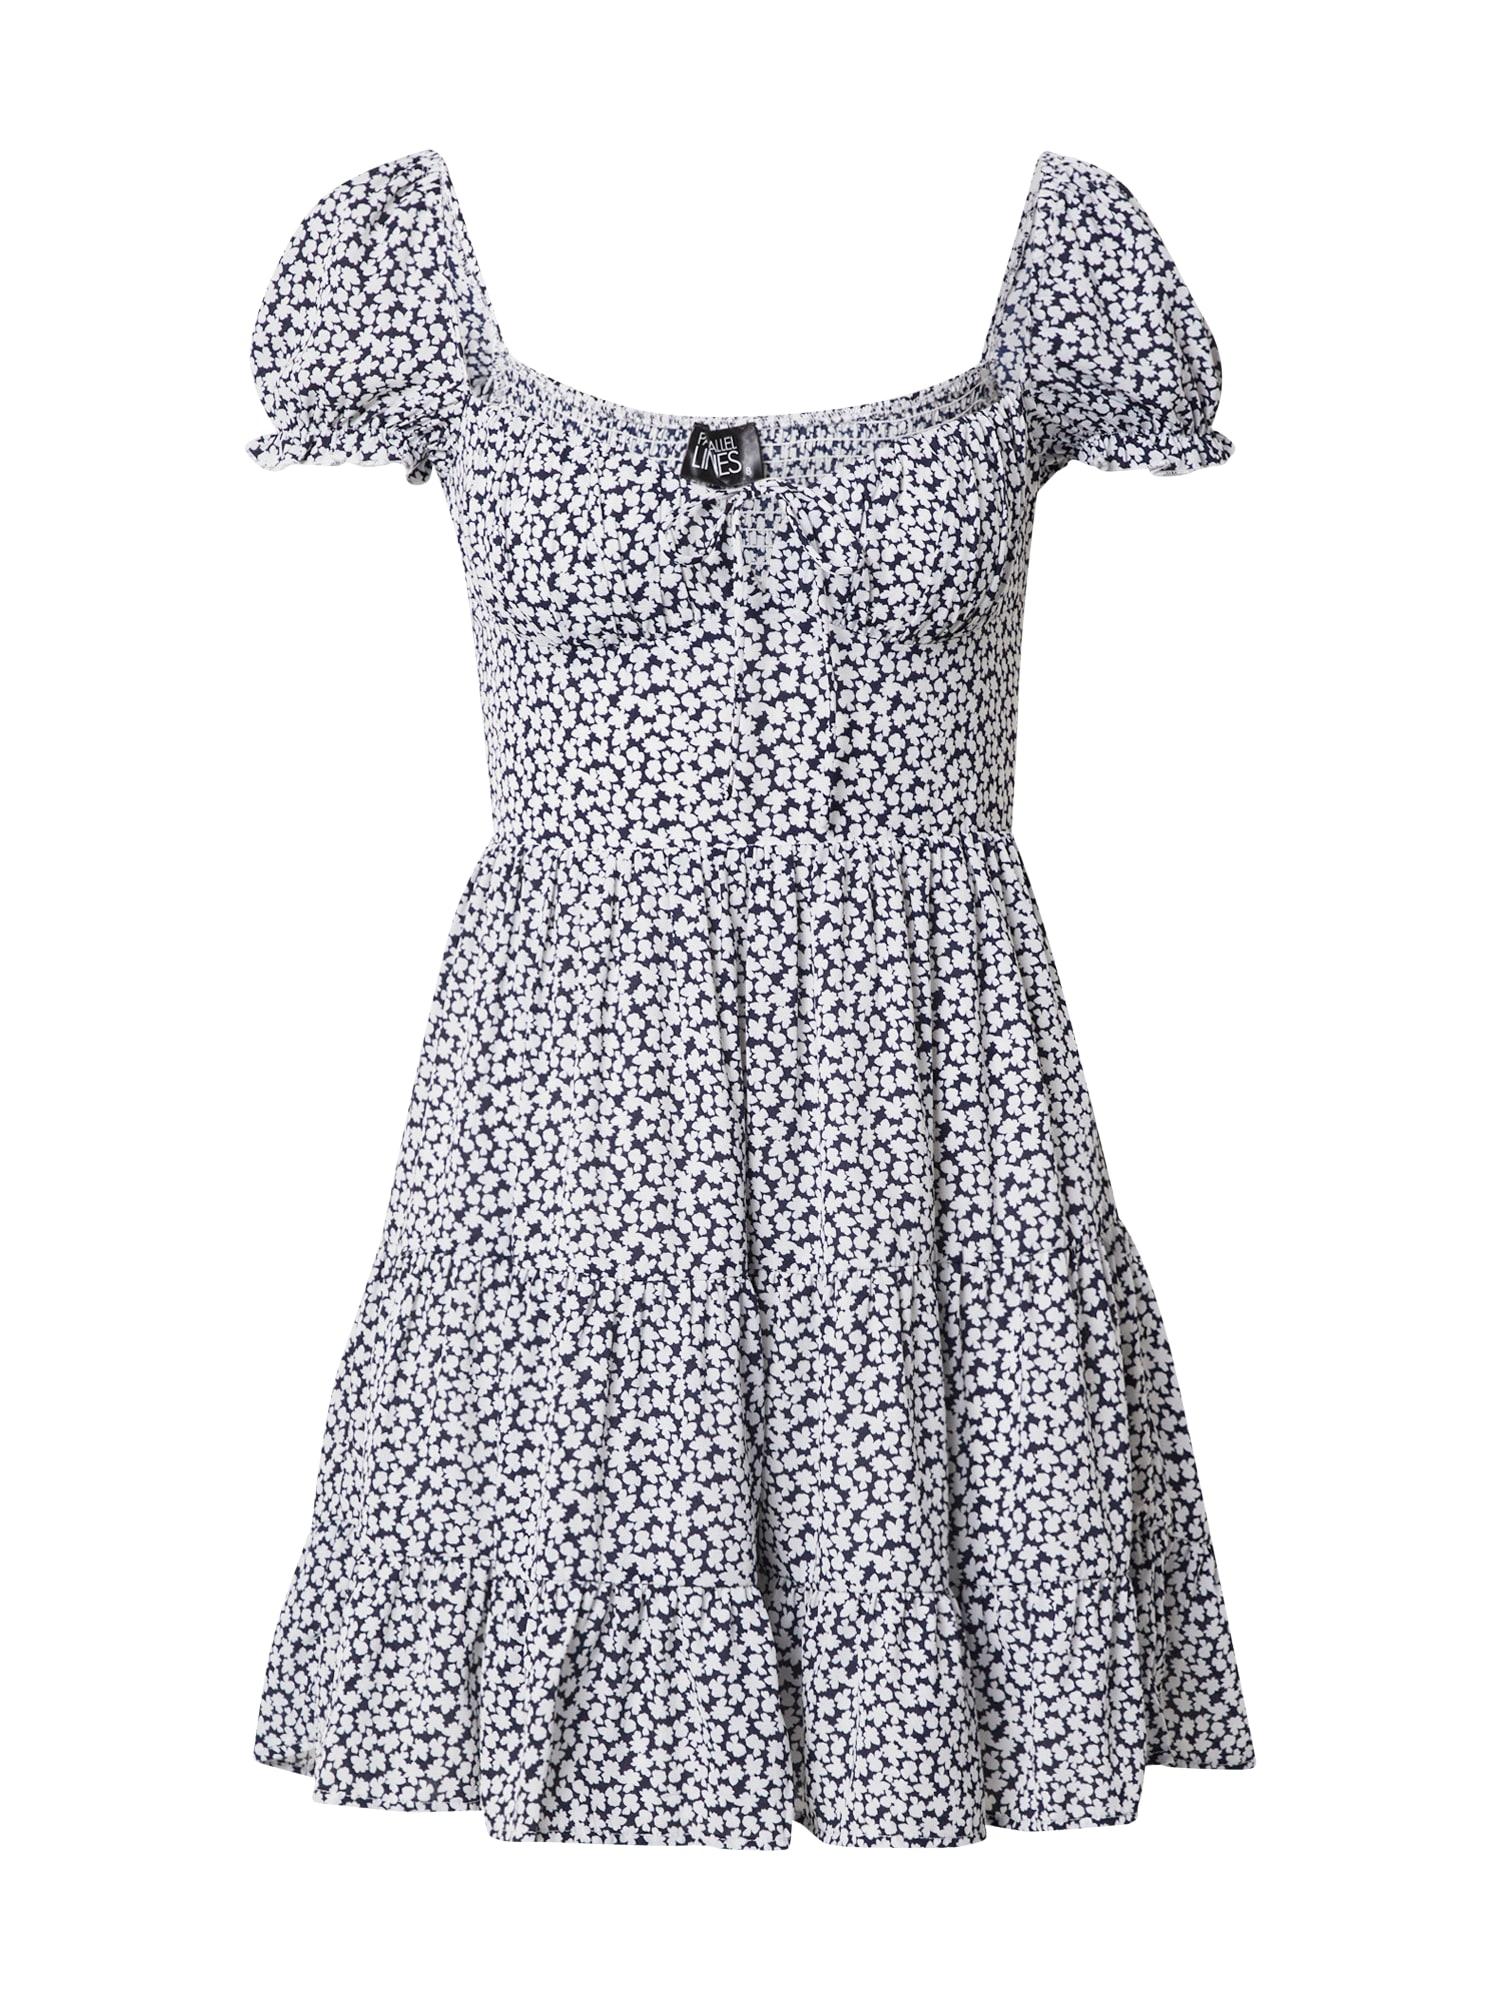 Parallel Lines Suknelė juoda / balta